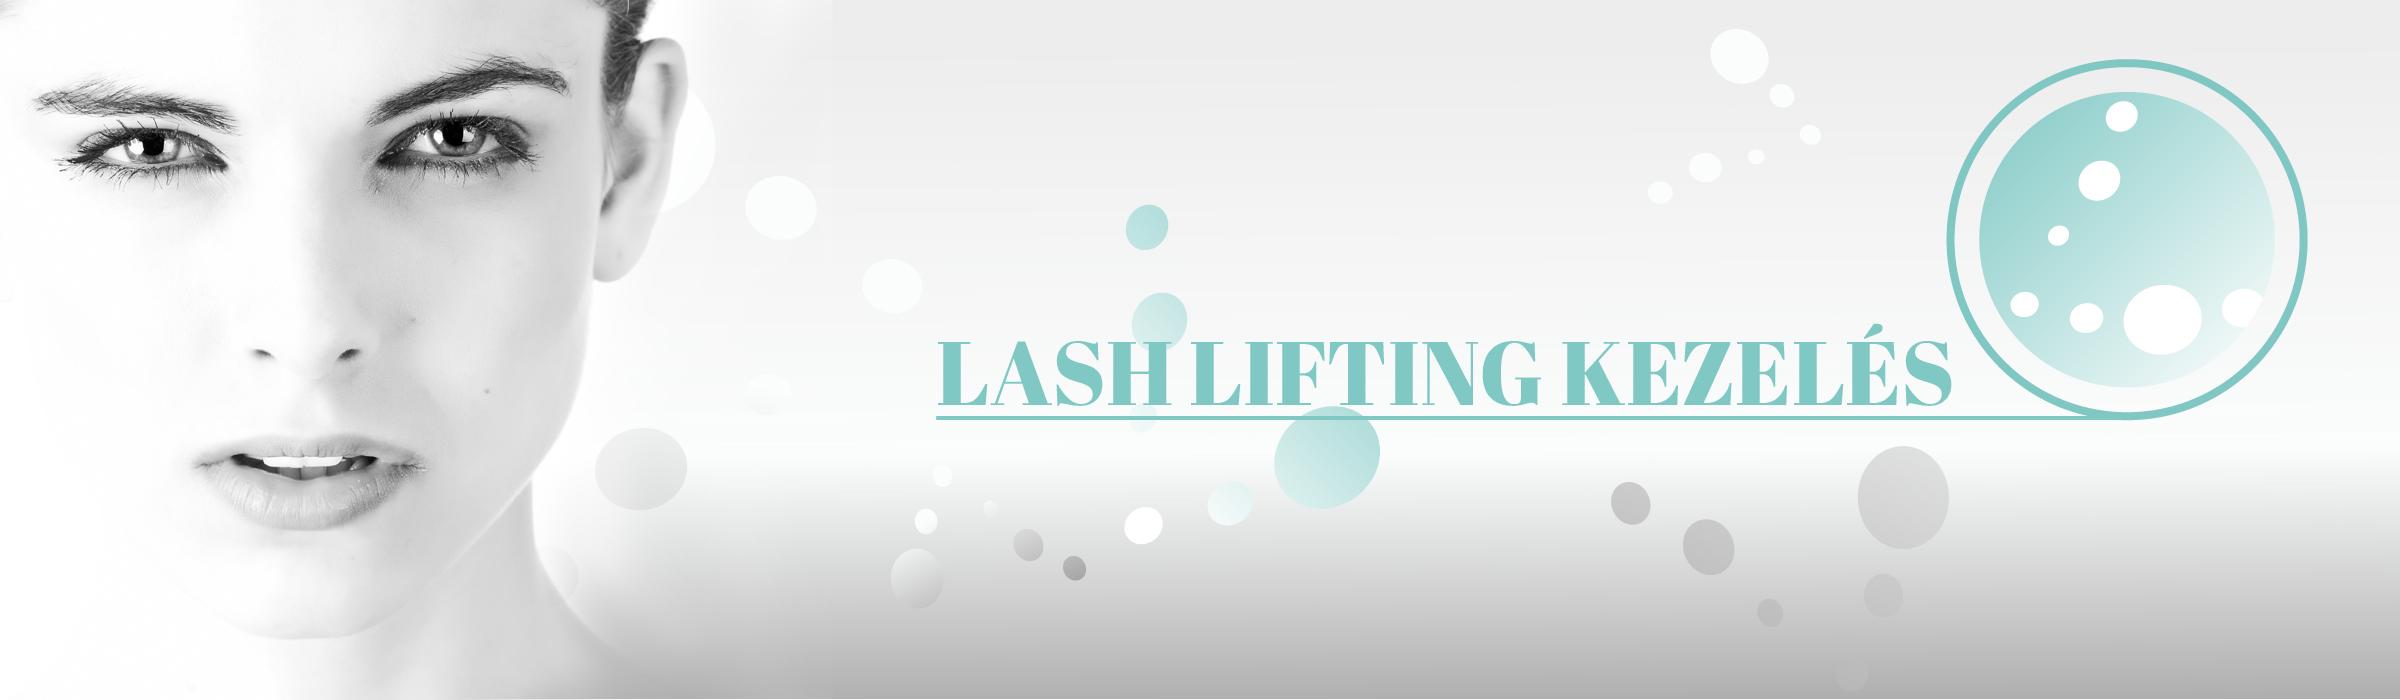 szolgáltatások lash lifting kezelés kép slider